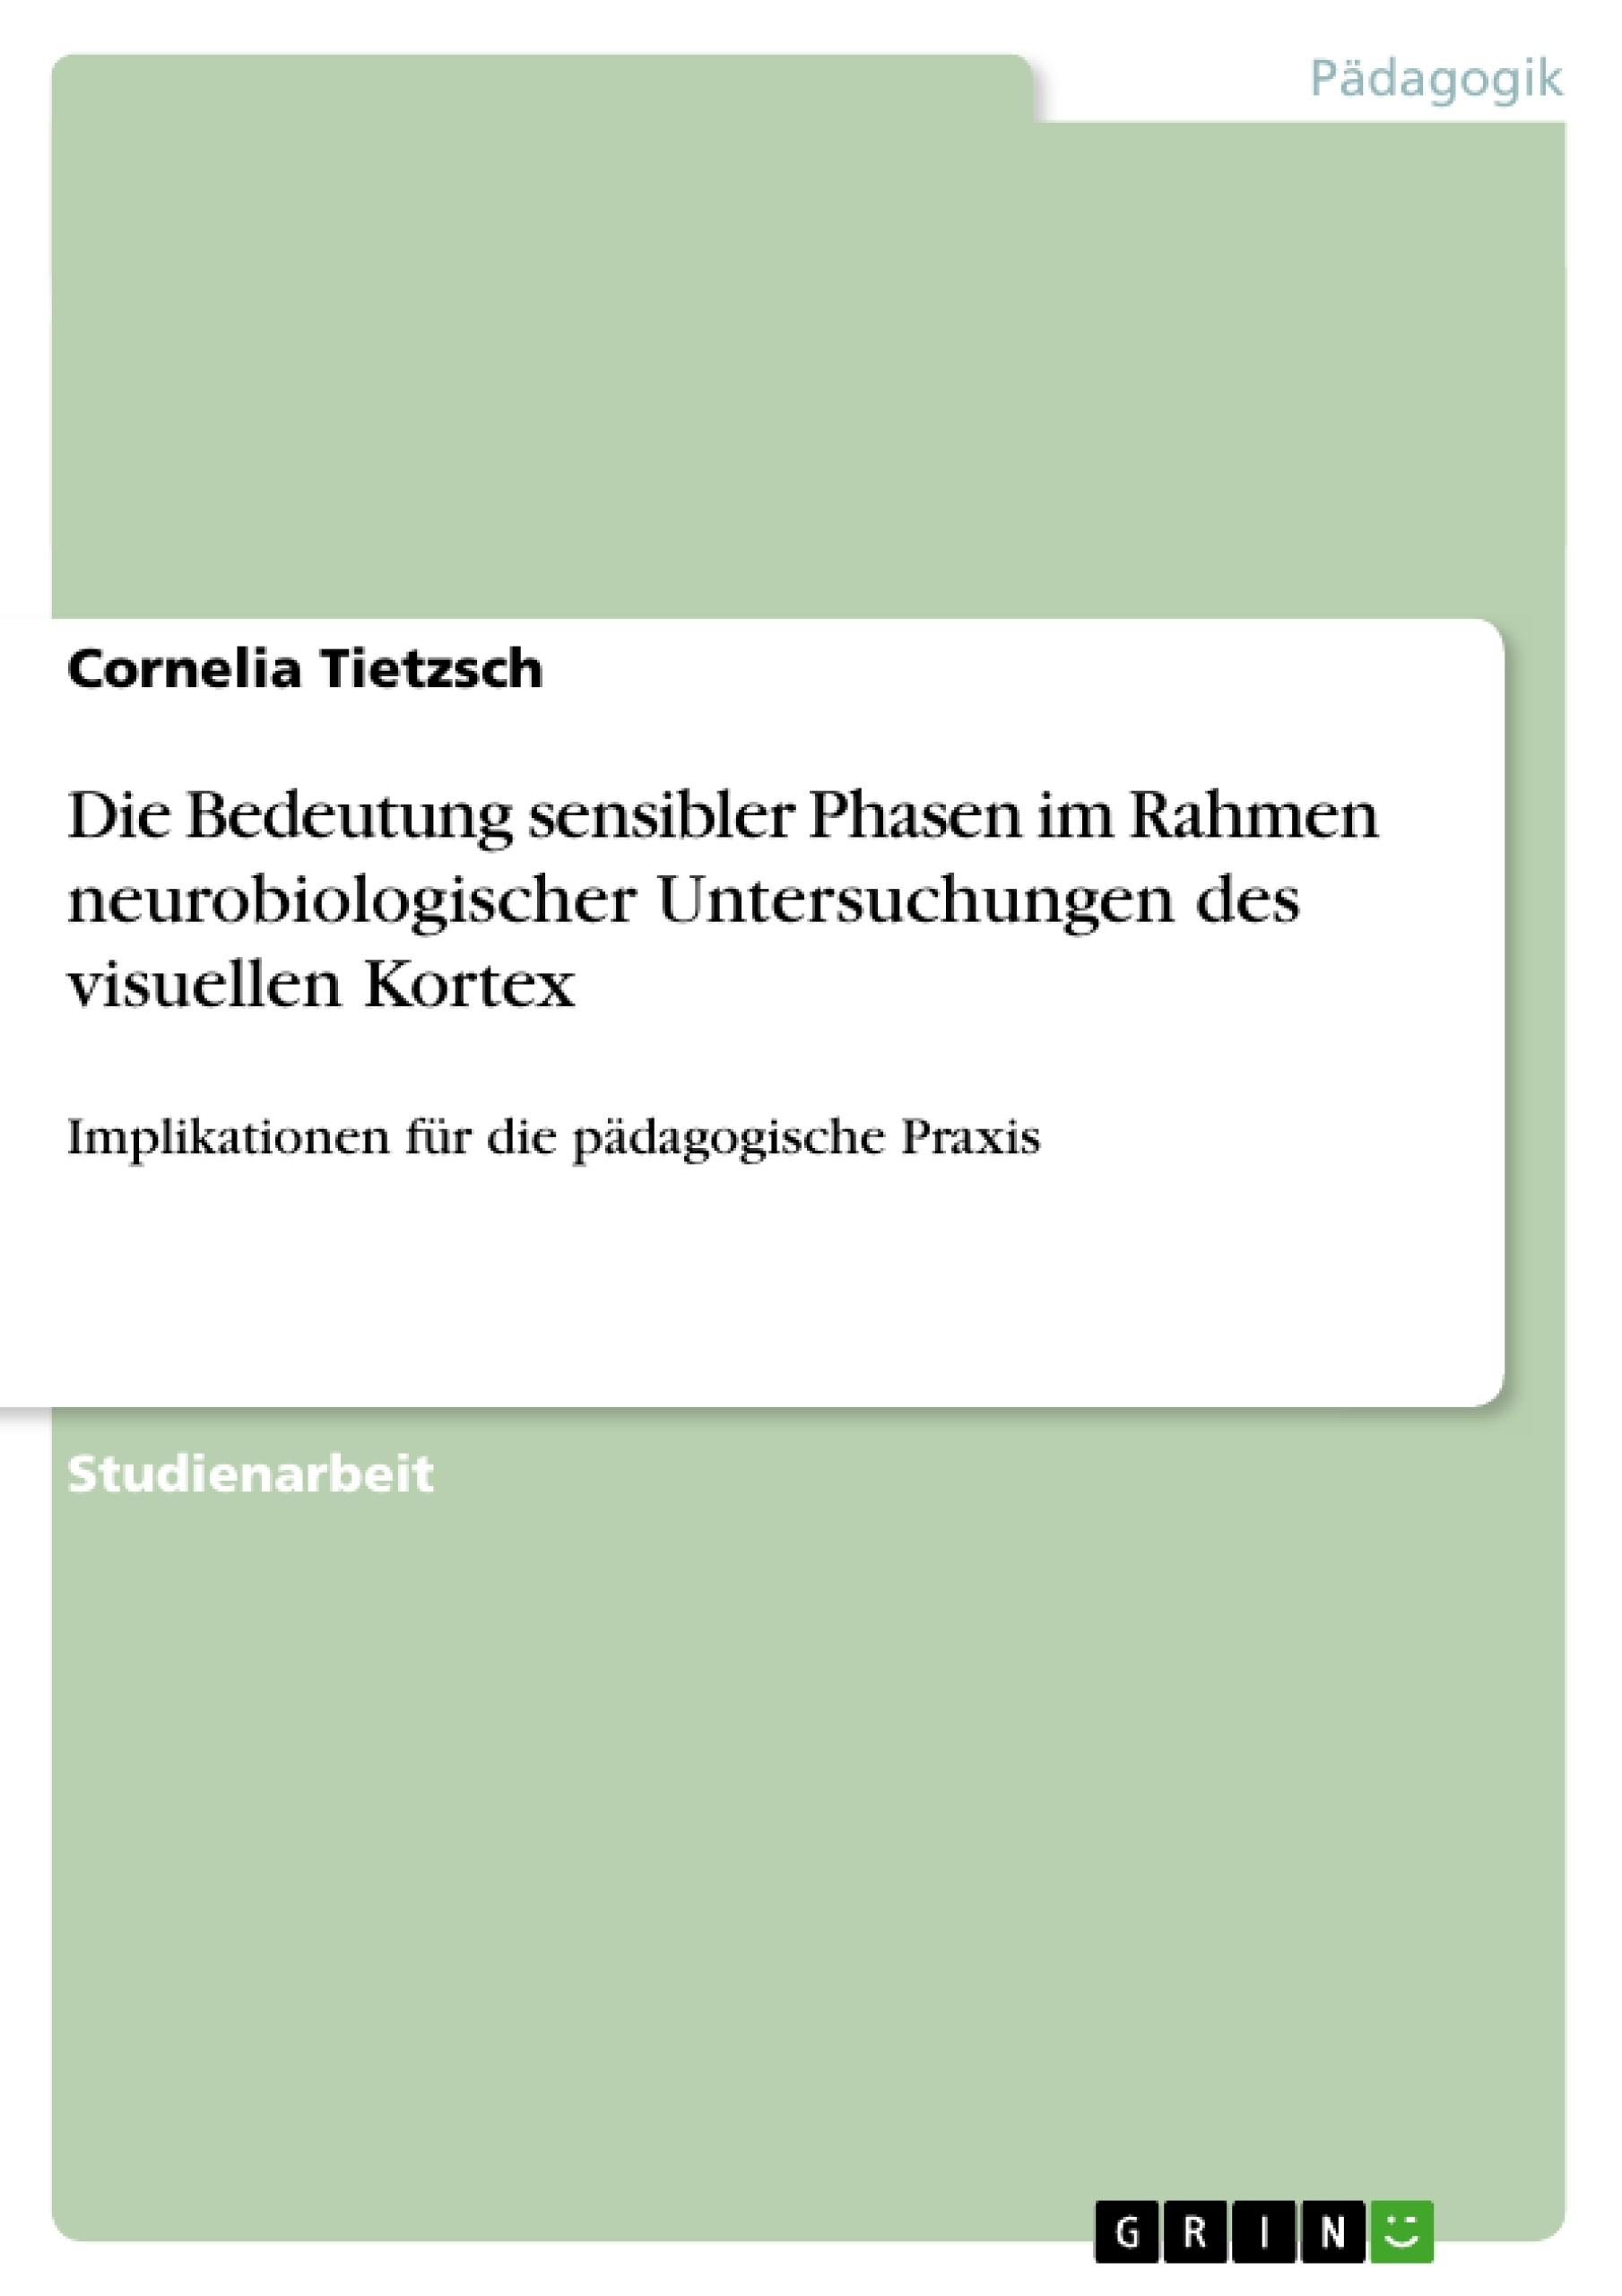 Titel: Die Bedeutung sensibler Phasen im Rahmen neurobiologischer Untersuchungen des visuellen Kortex